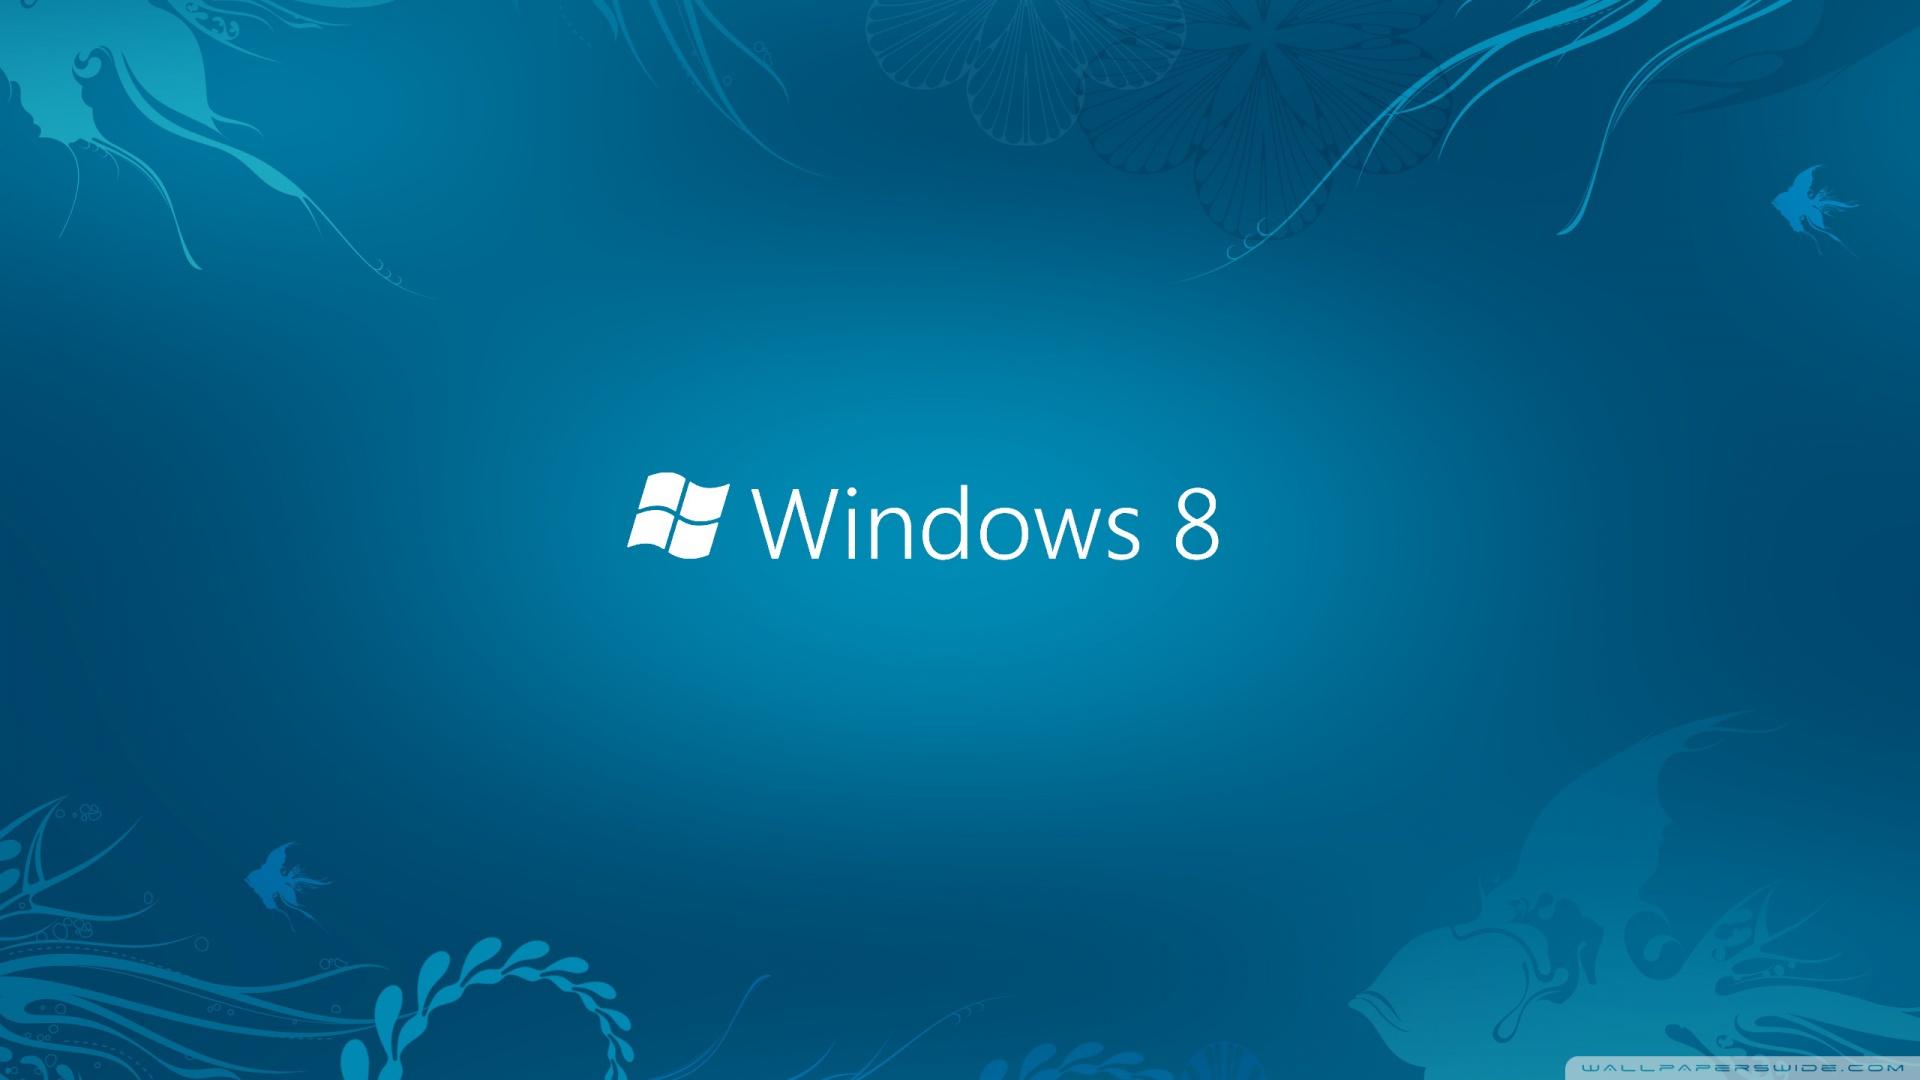 Windows 8 Blue 4K HD Desktop Wallpaper for 4K Ultra HD TV 1920x1080